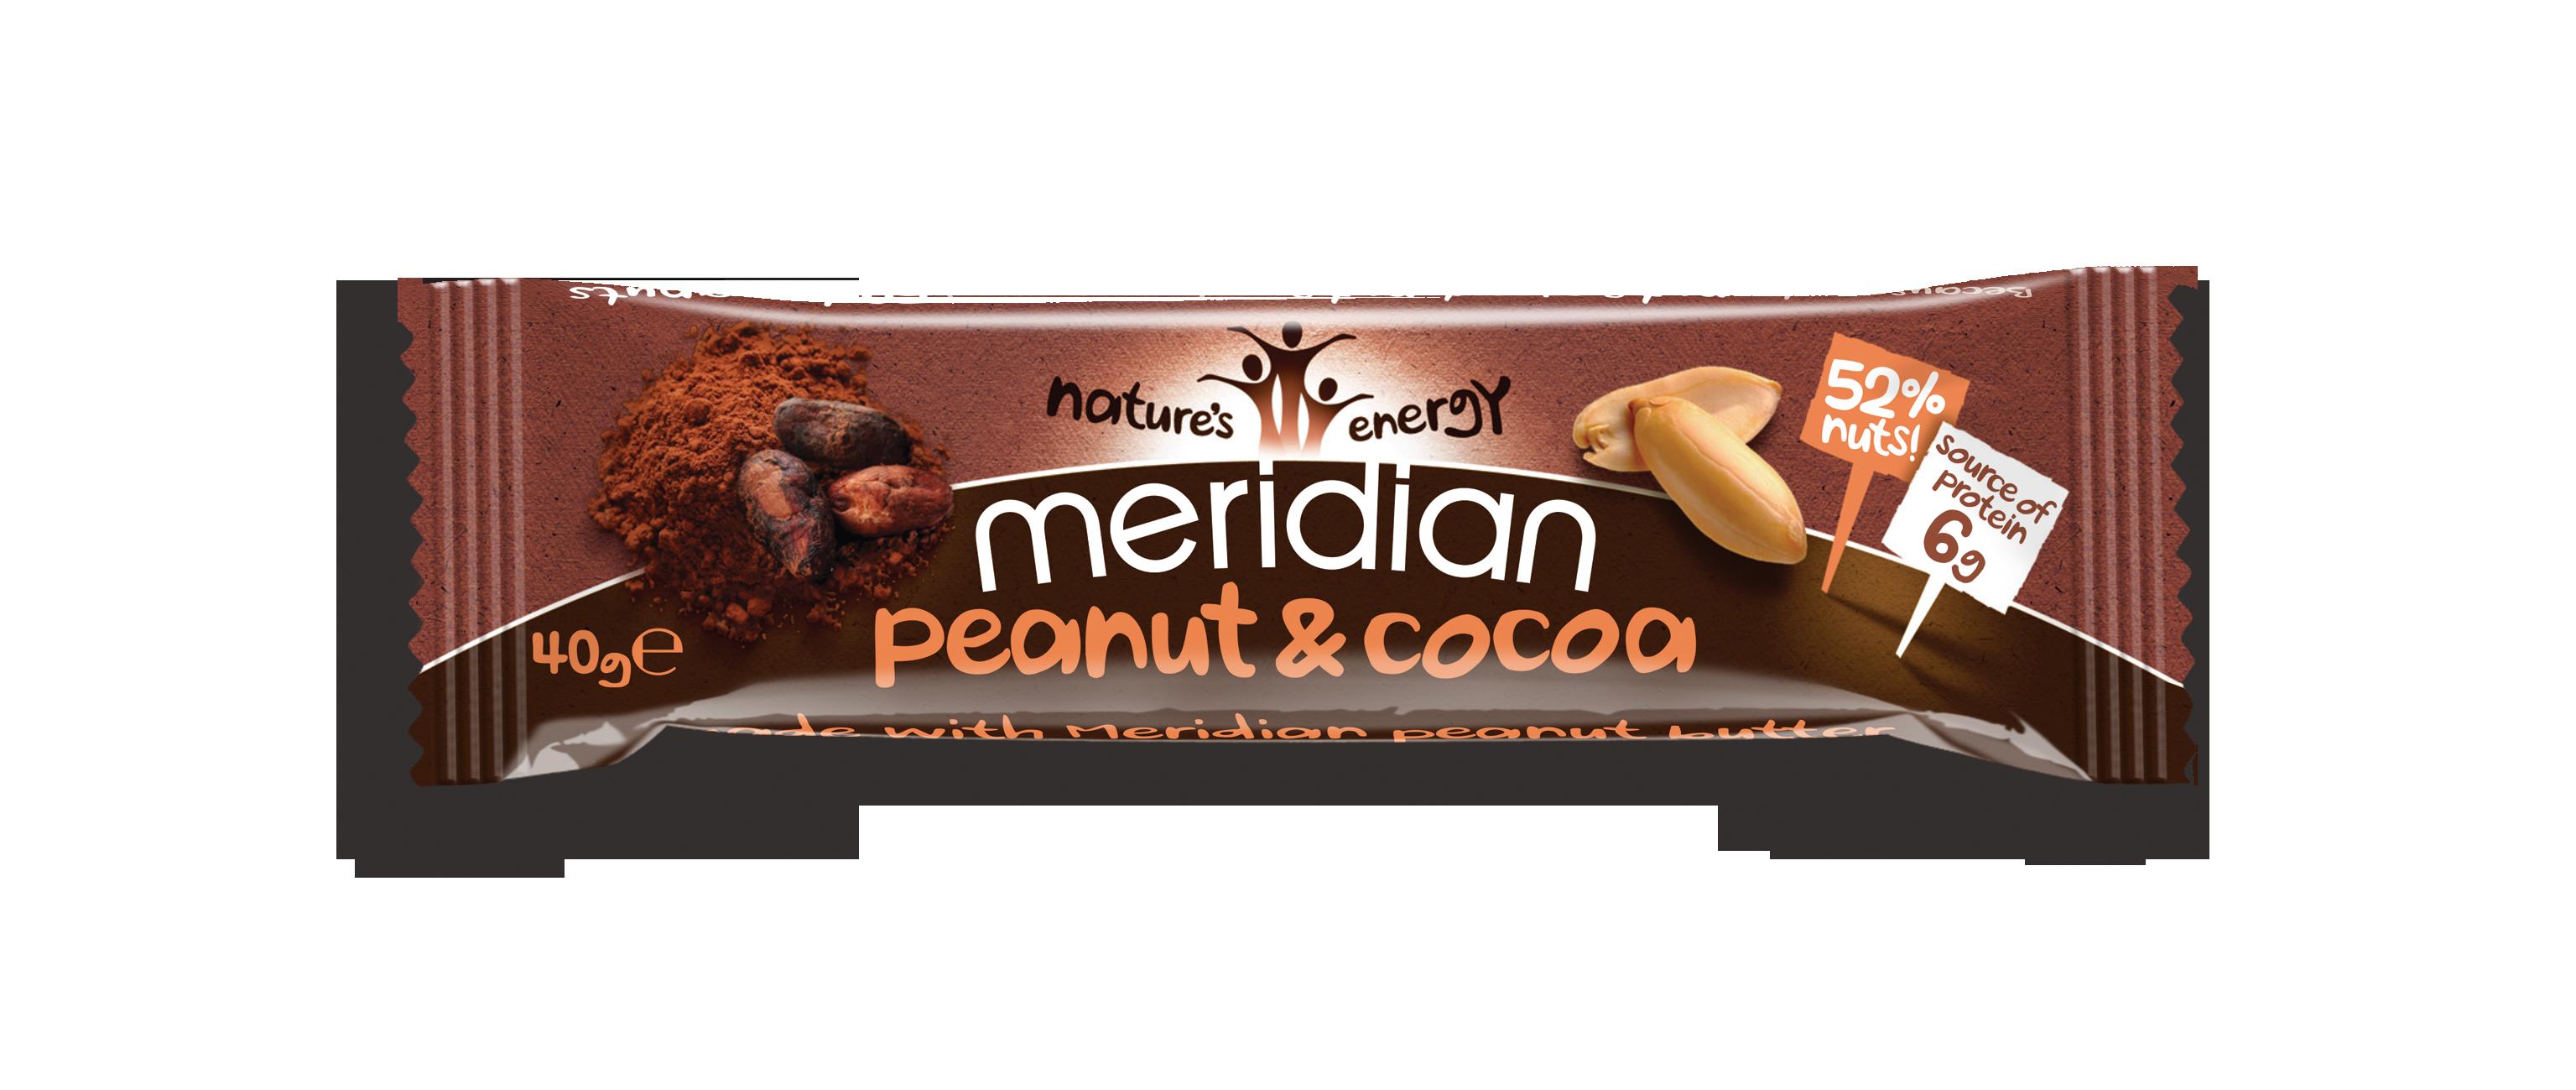 Peanut and Cocoa